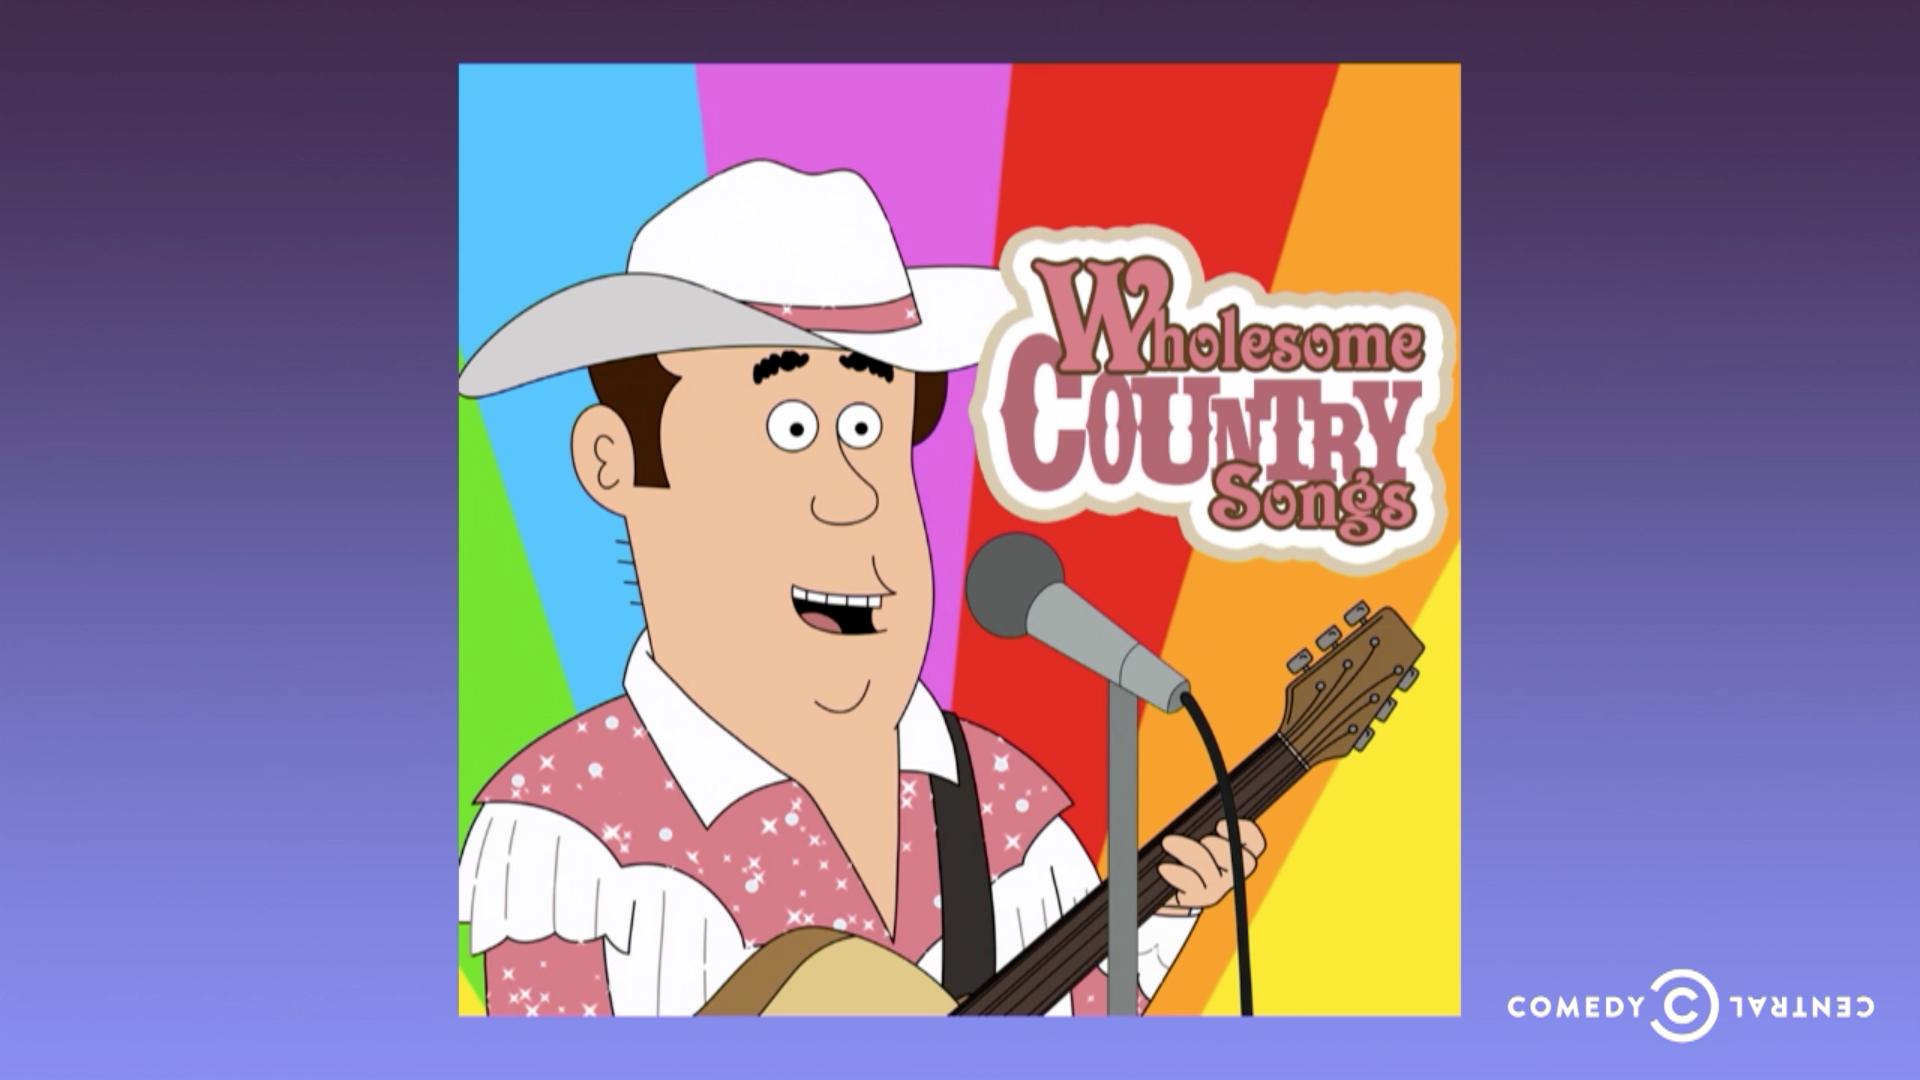 Comedy central boob song